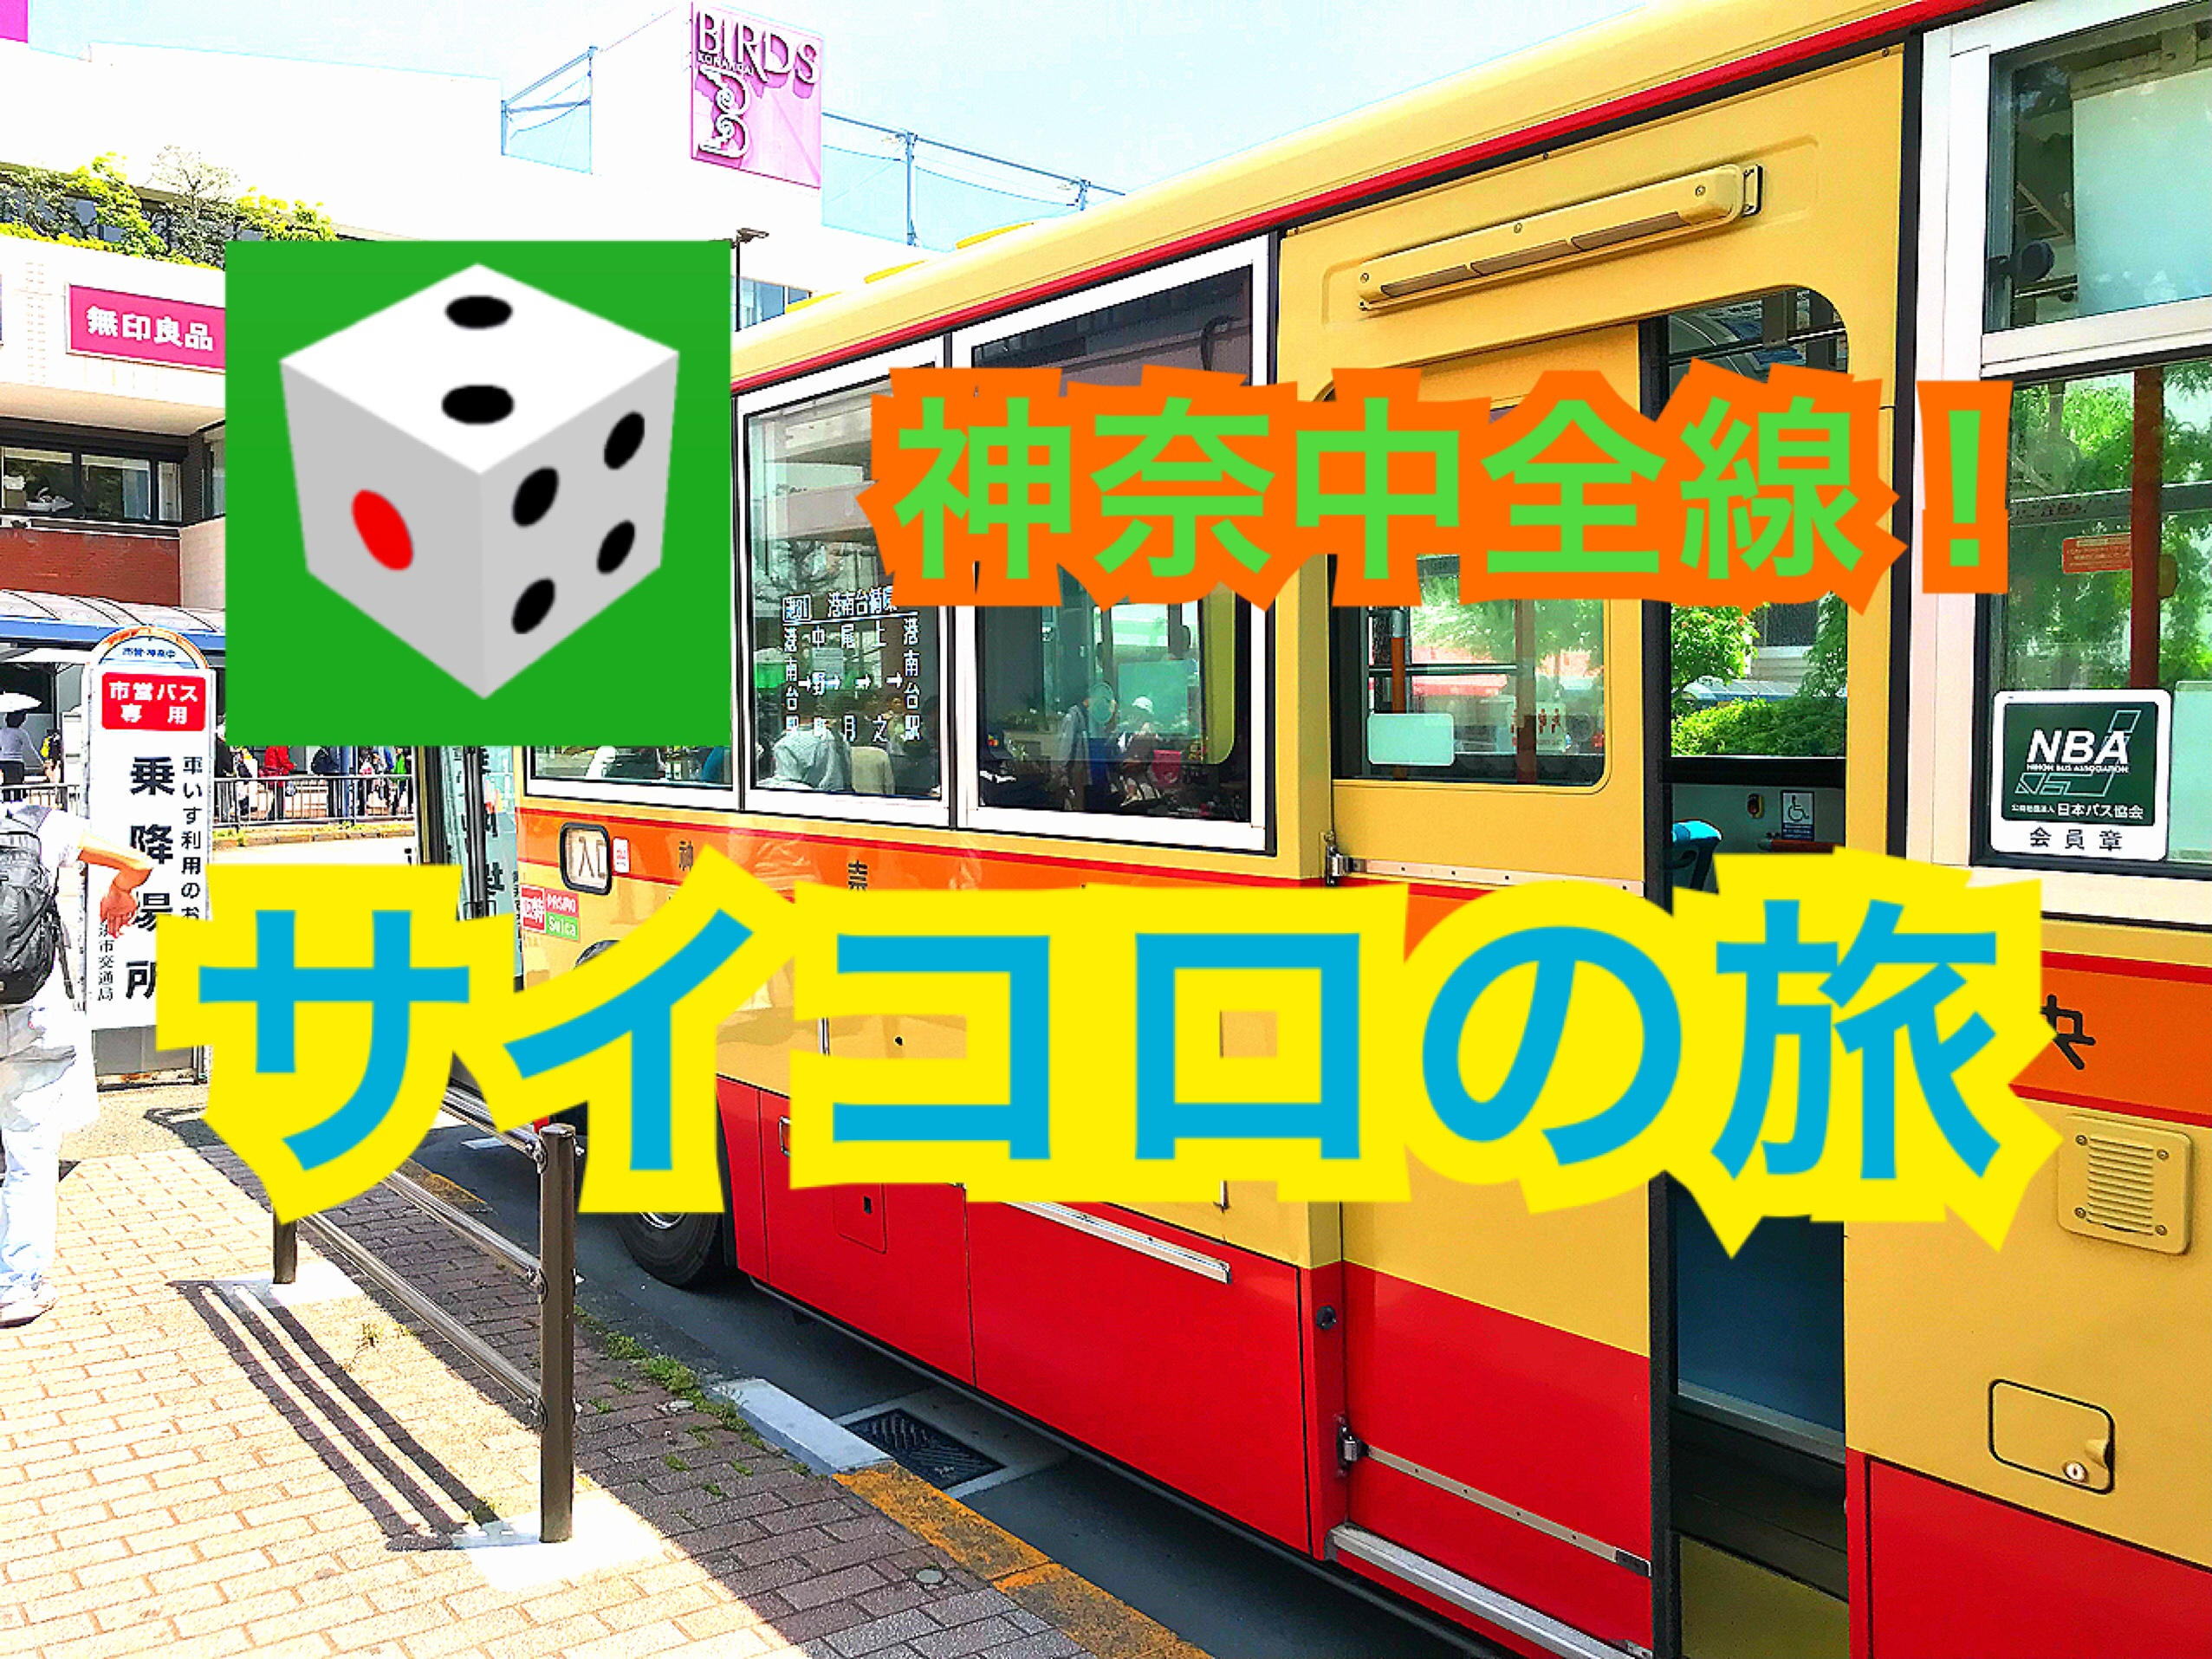 【路線バスの旅】神奈中で!サイコロの旅・予告編